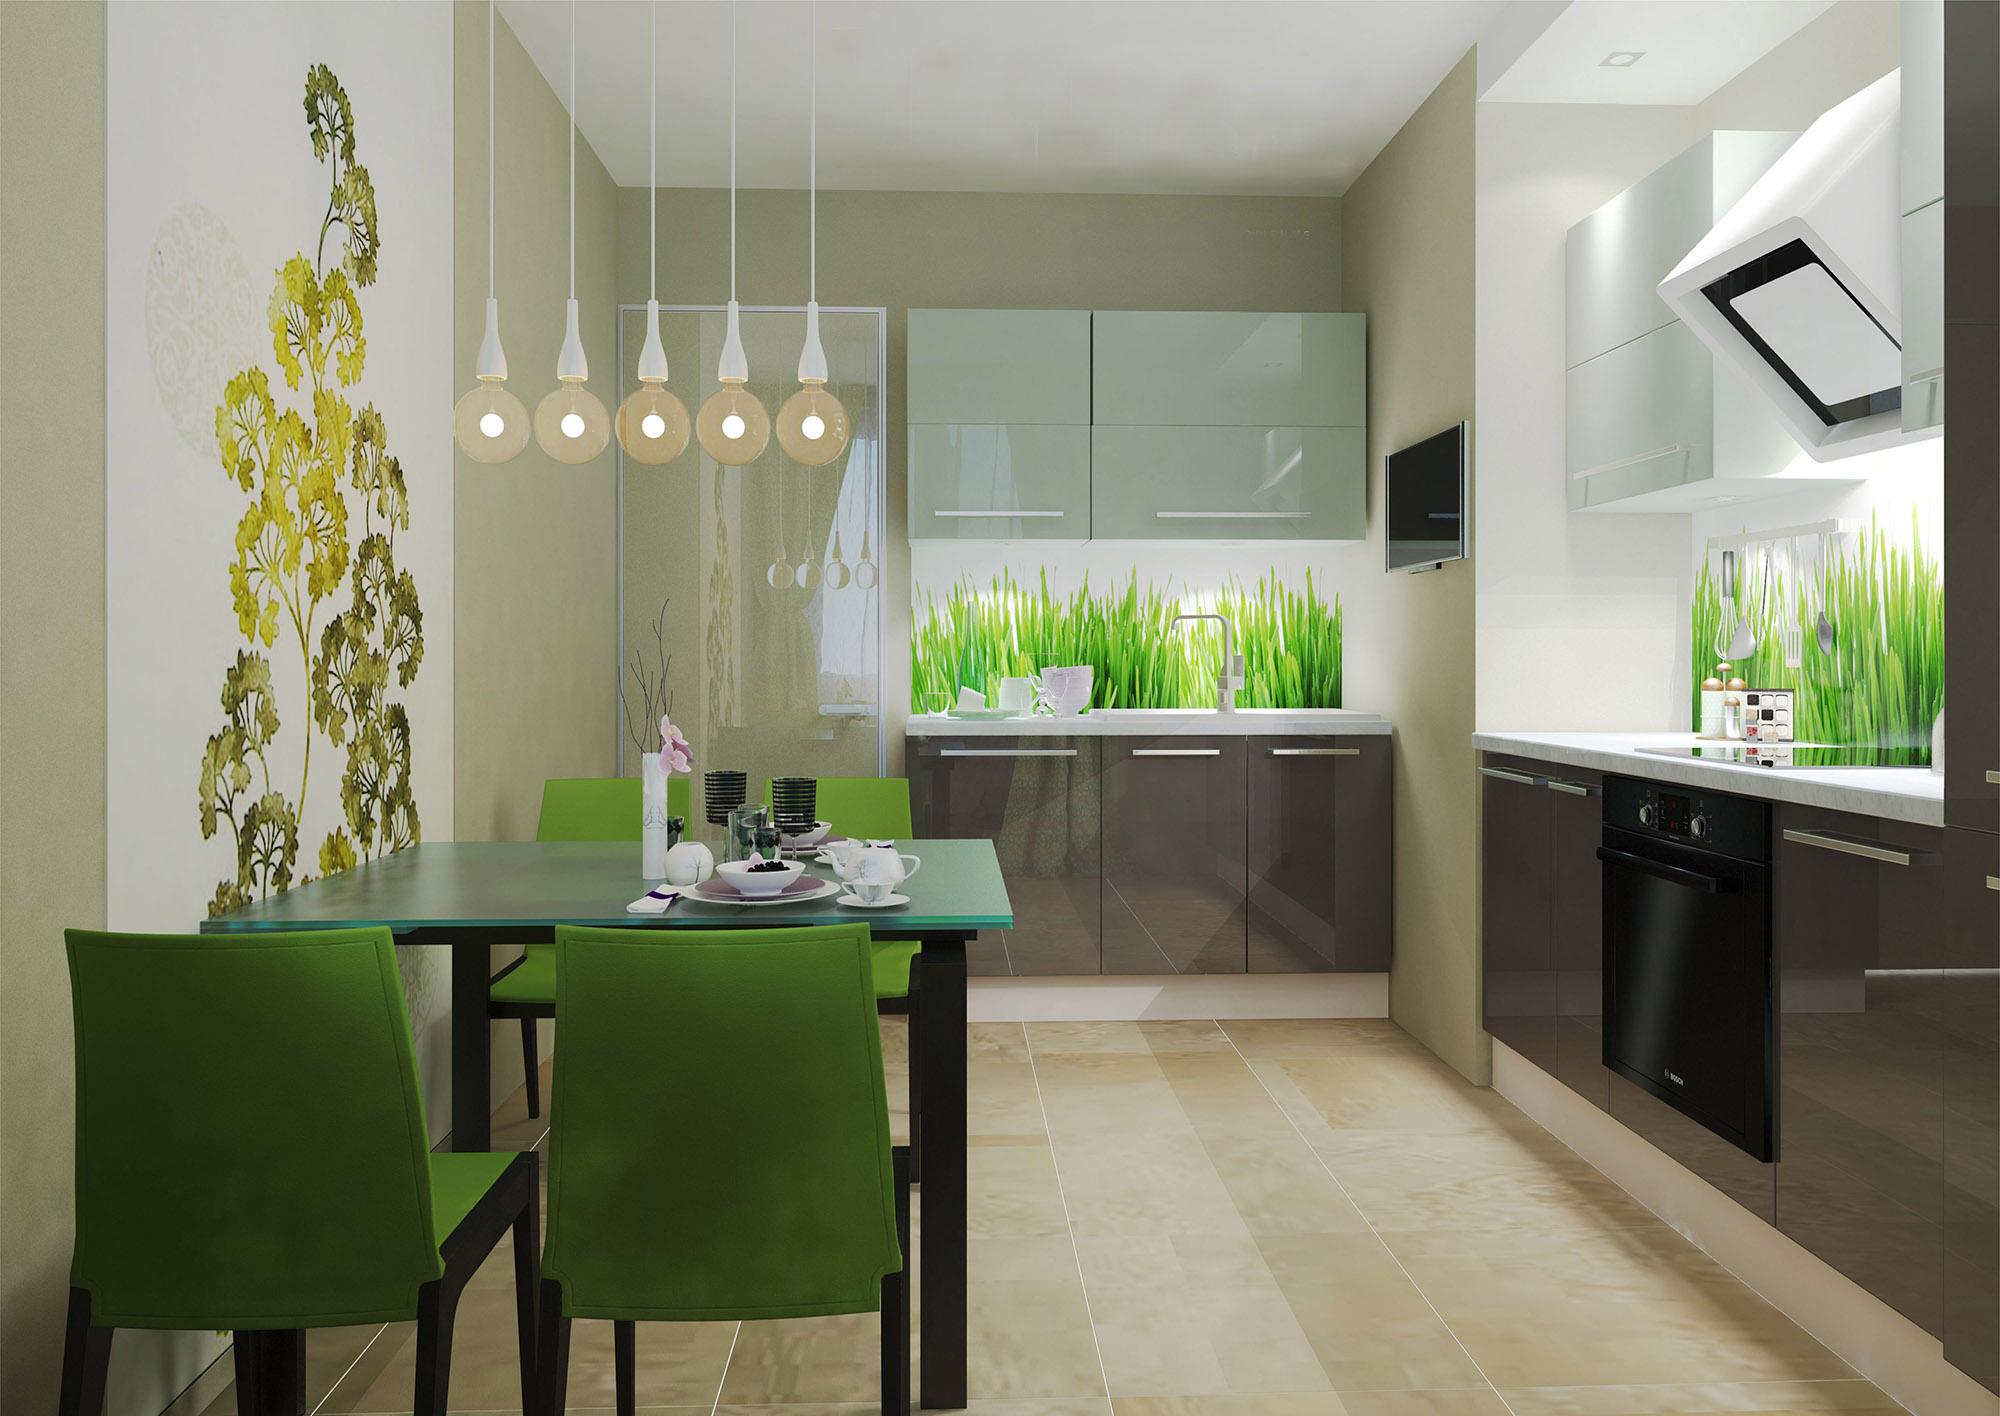 Интерьер небольшой кухни в эко-стиле